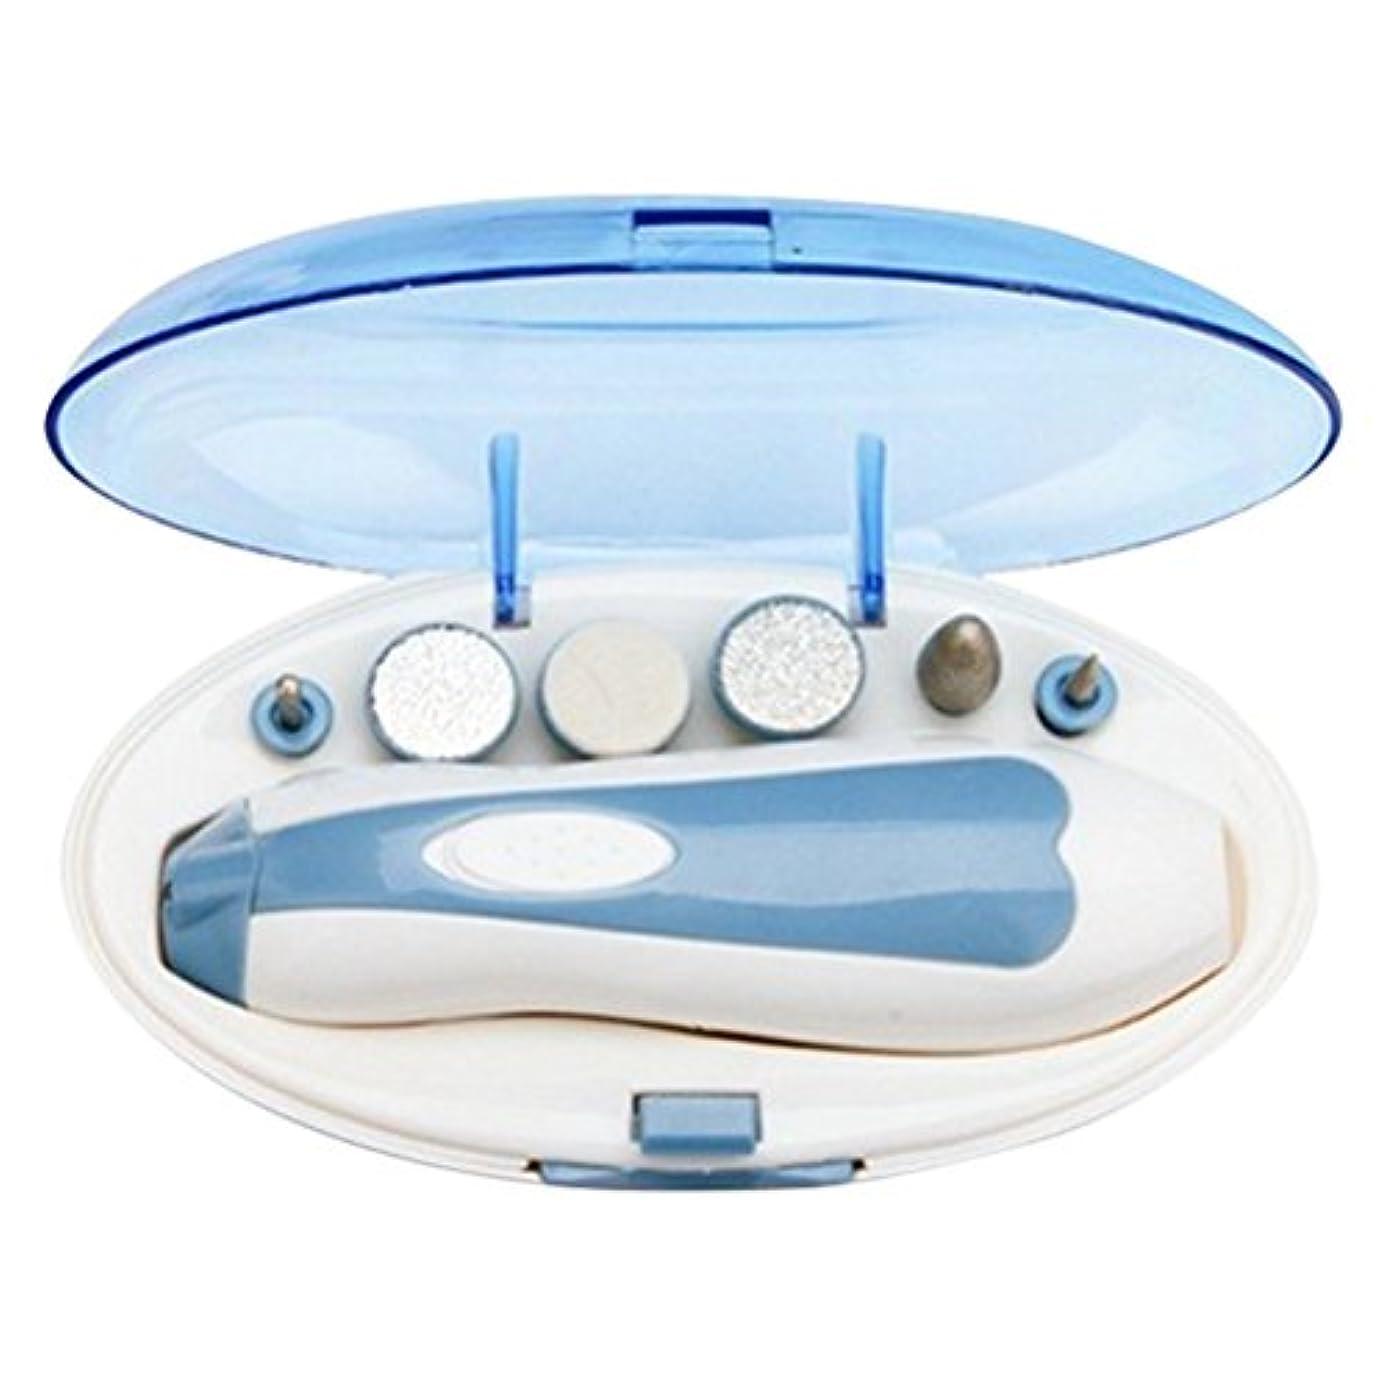 表現一月ピンポイント電動式ネイルケア ネイルマシン ネイルマシーン電動爪磨き 電池式 LEDライト搭載 アタッチメント6種類付き 甘皮 角質除去  持ち運び便利 ブルー ケース付